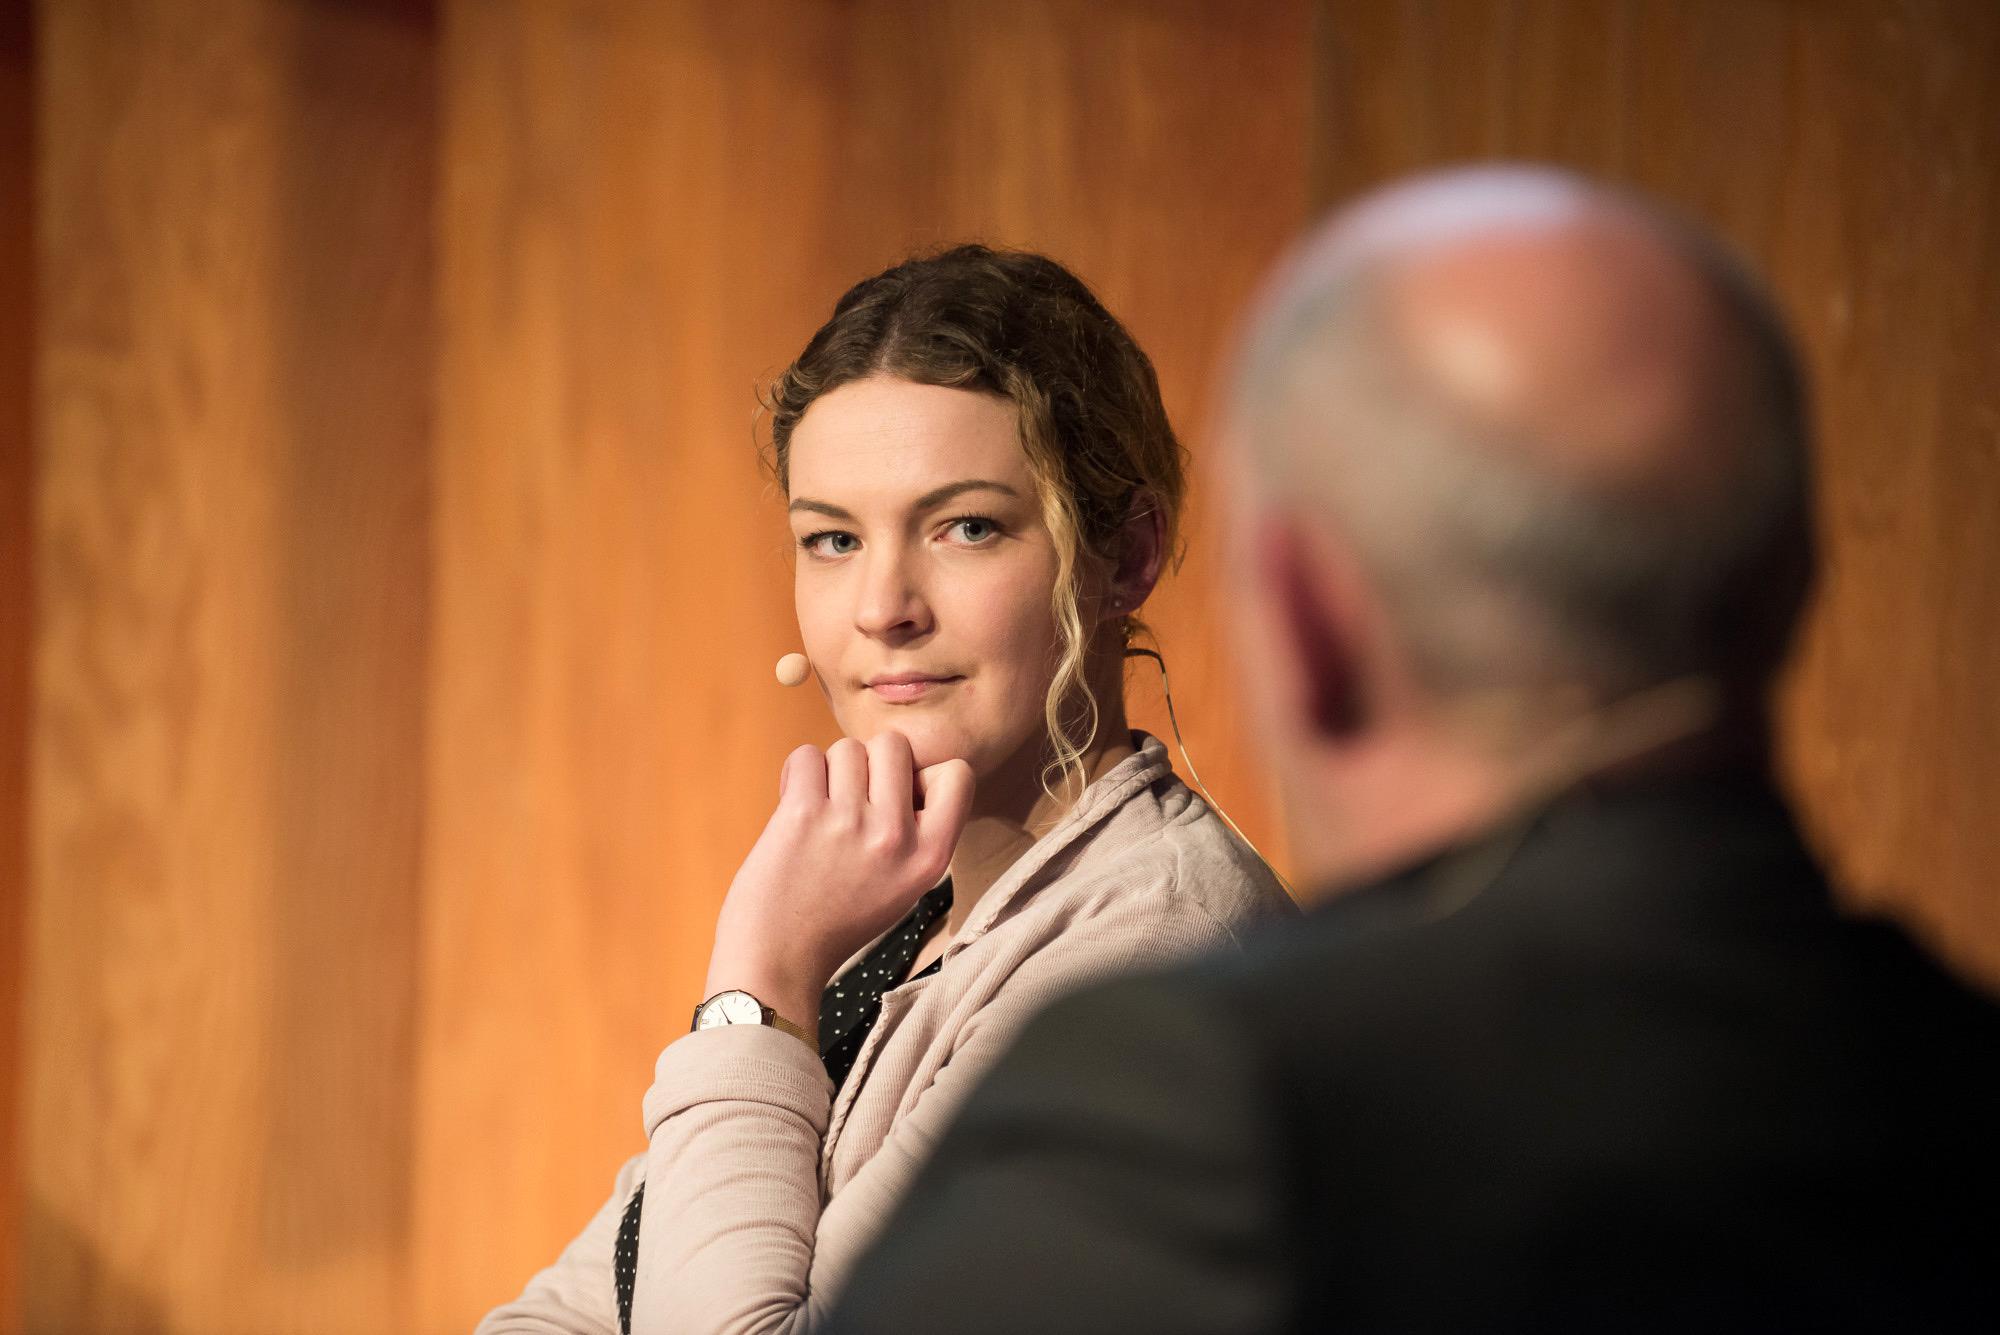 Veranstaltung der FES zu Medien und Europa in Köln